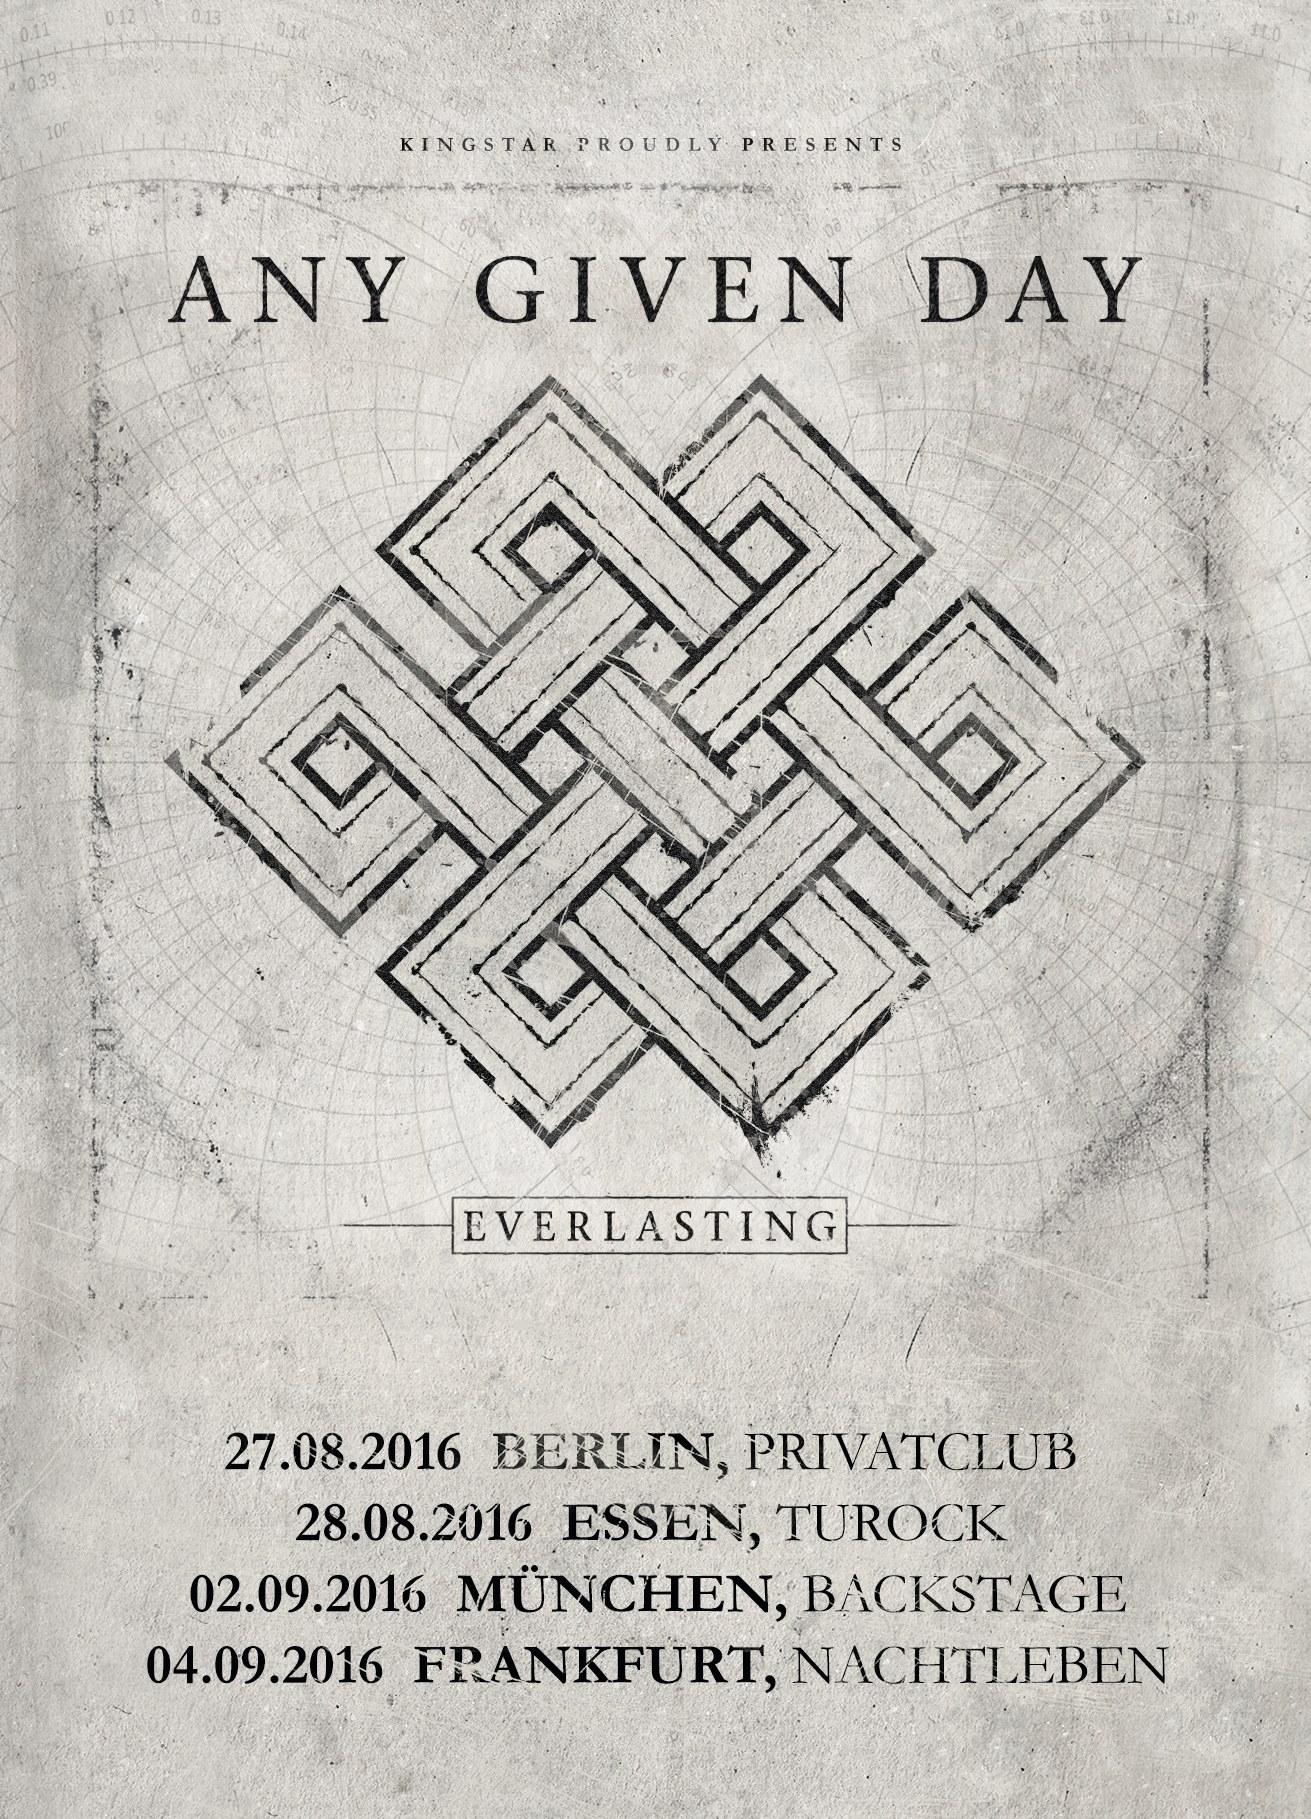 Any Given Day Everlasting Releasetour 2016 Führt Sie Nach Essen